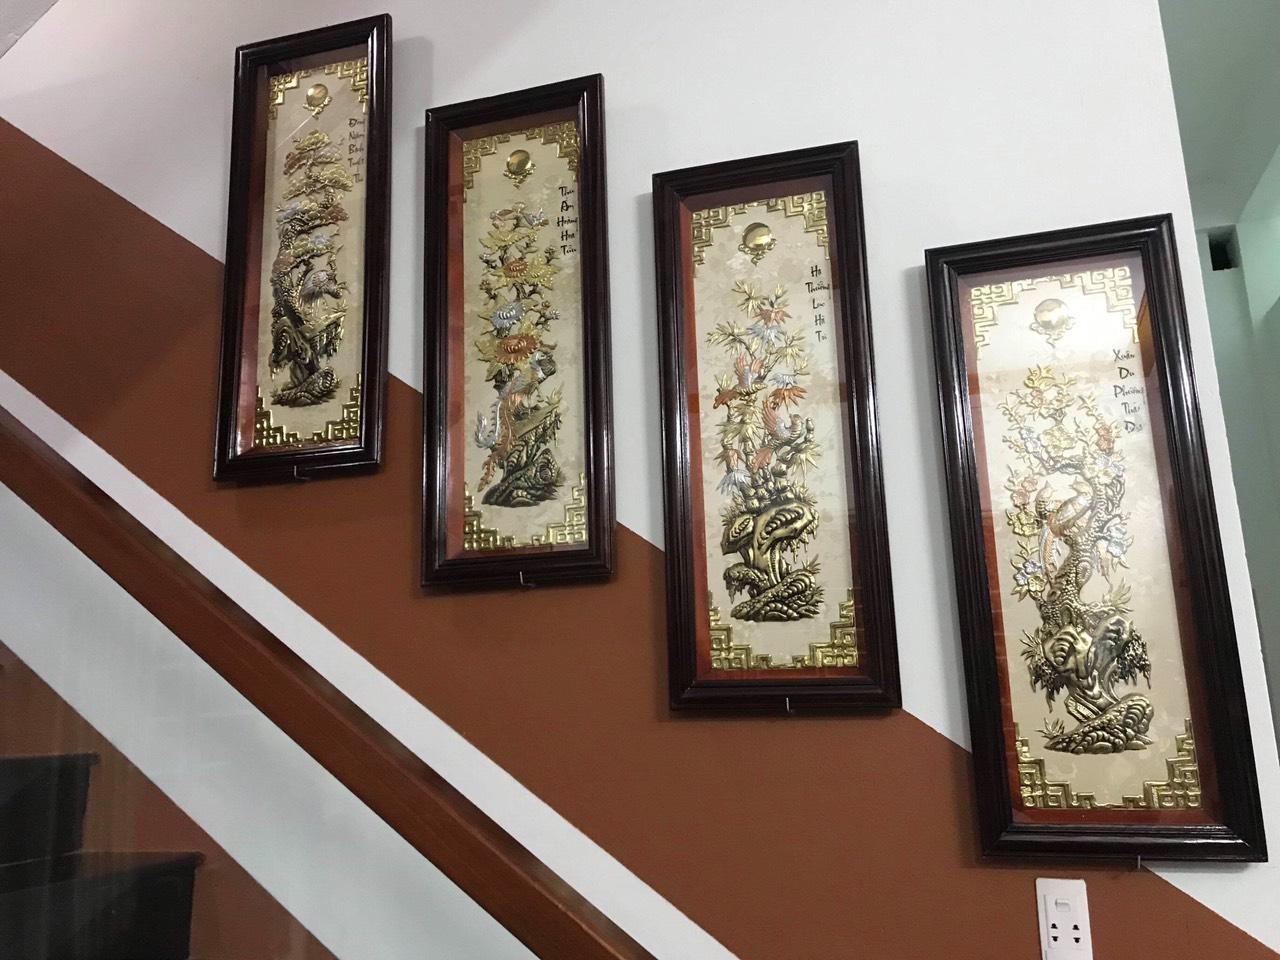 Tranh tứ quý bằng đồng: Bộ tranh trang trí sang trọng nâng tầm đẳng cấp cho ngôi nhà